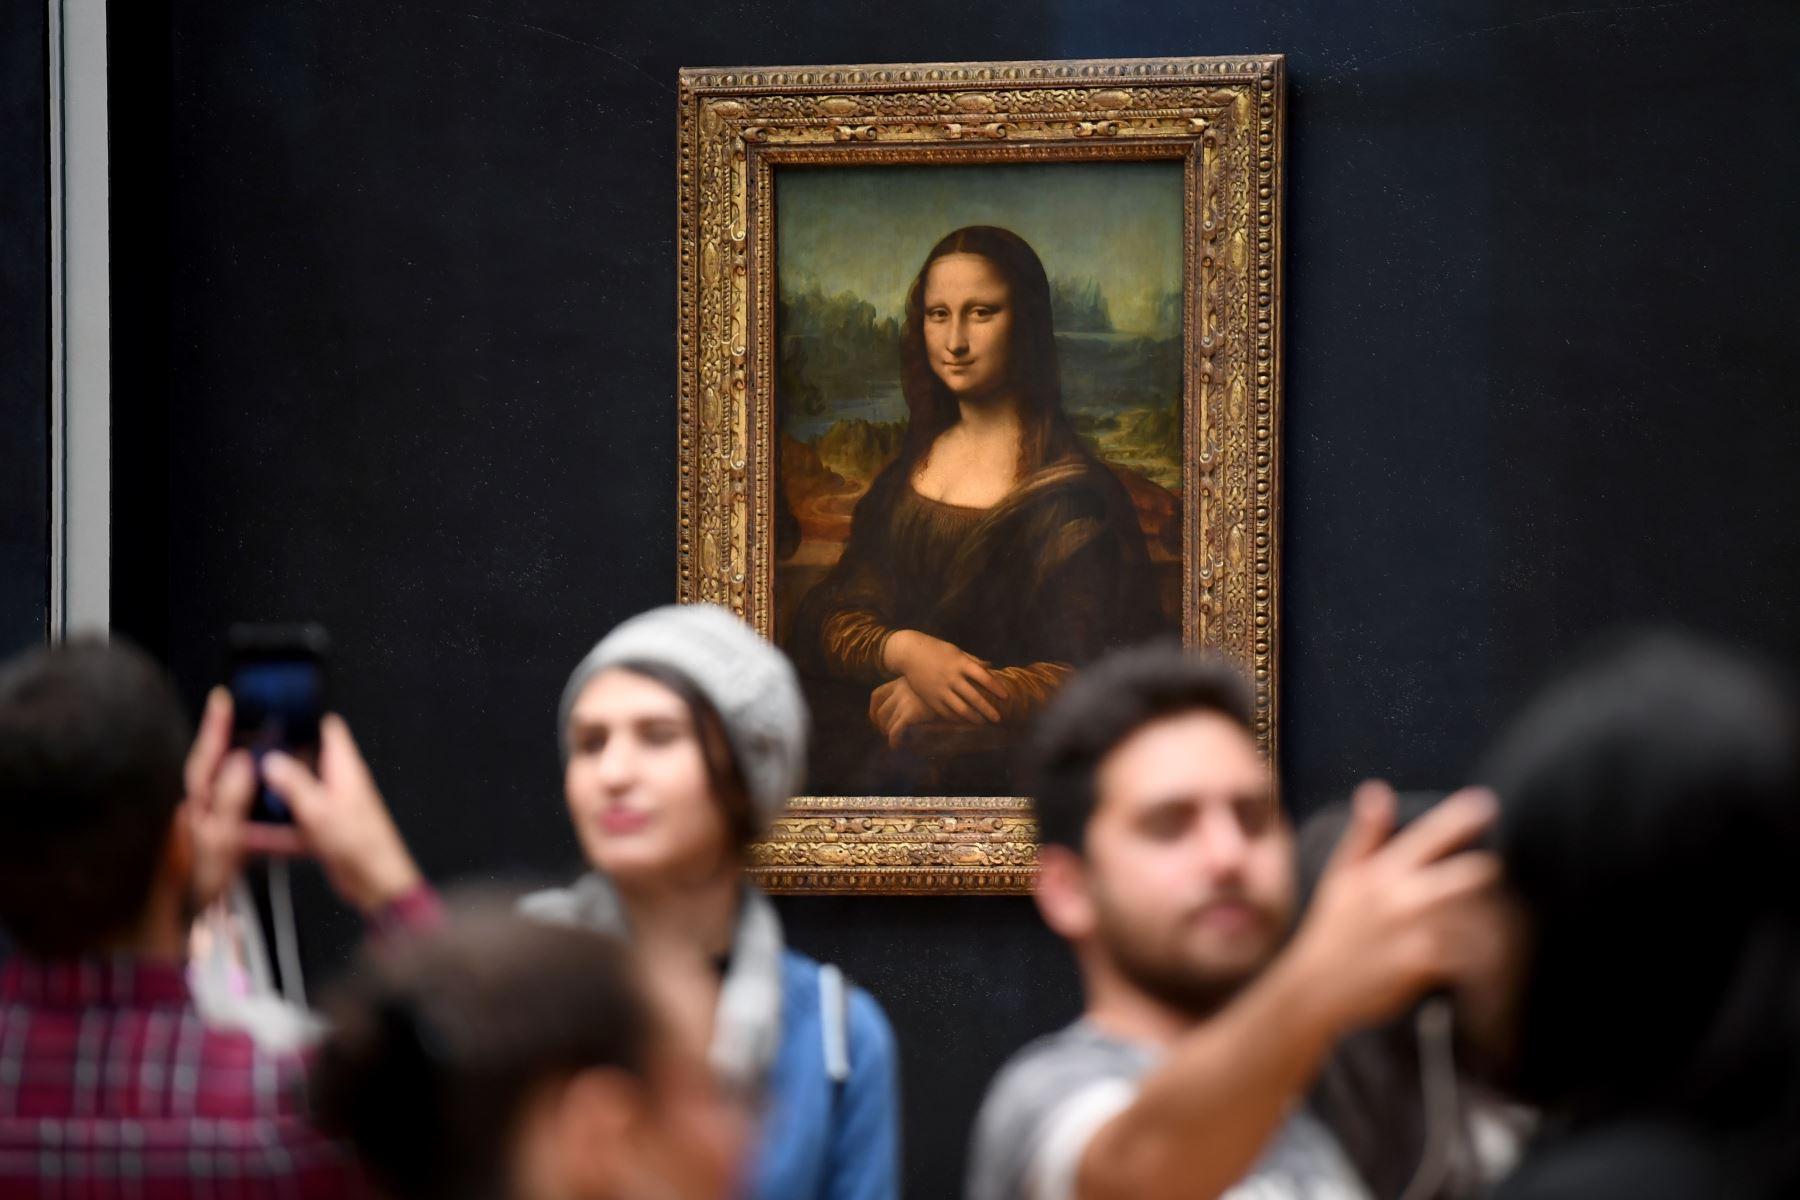 Visitantes toman fotografías frente a La Mona Lisa (La Gioconda) en el Museo del Louvre en París. Foto: AFP